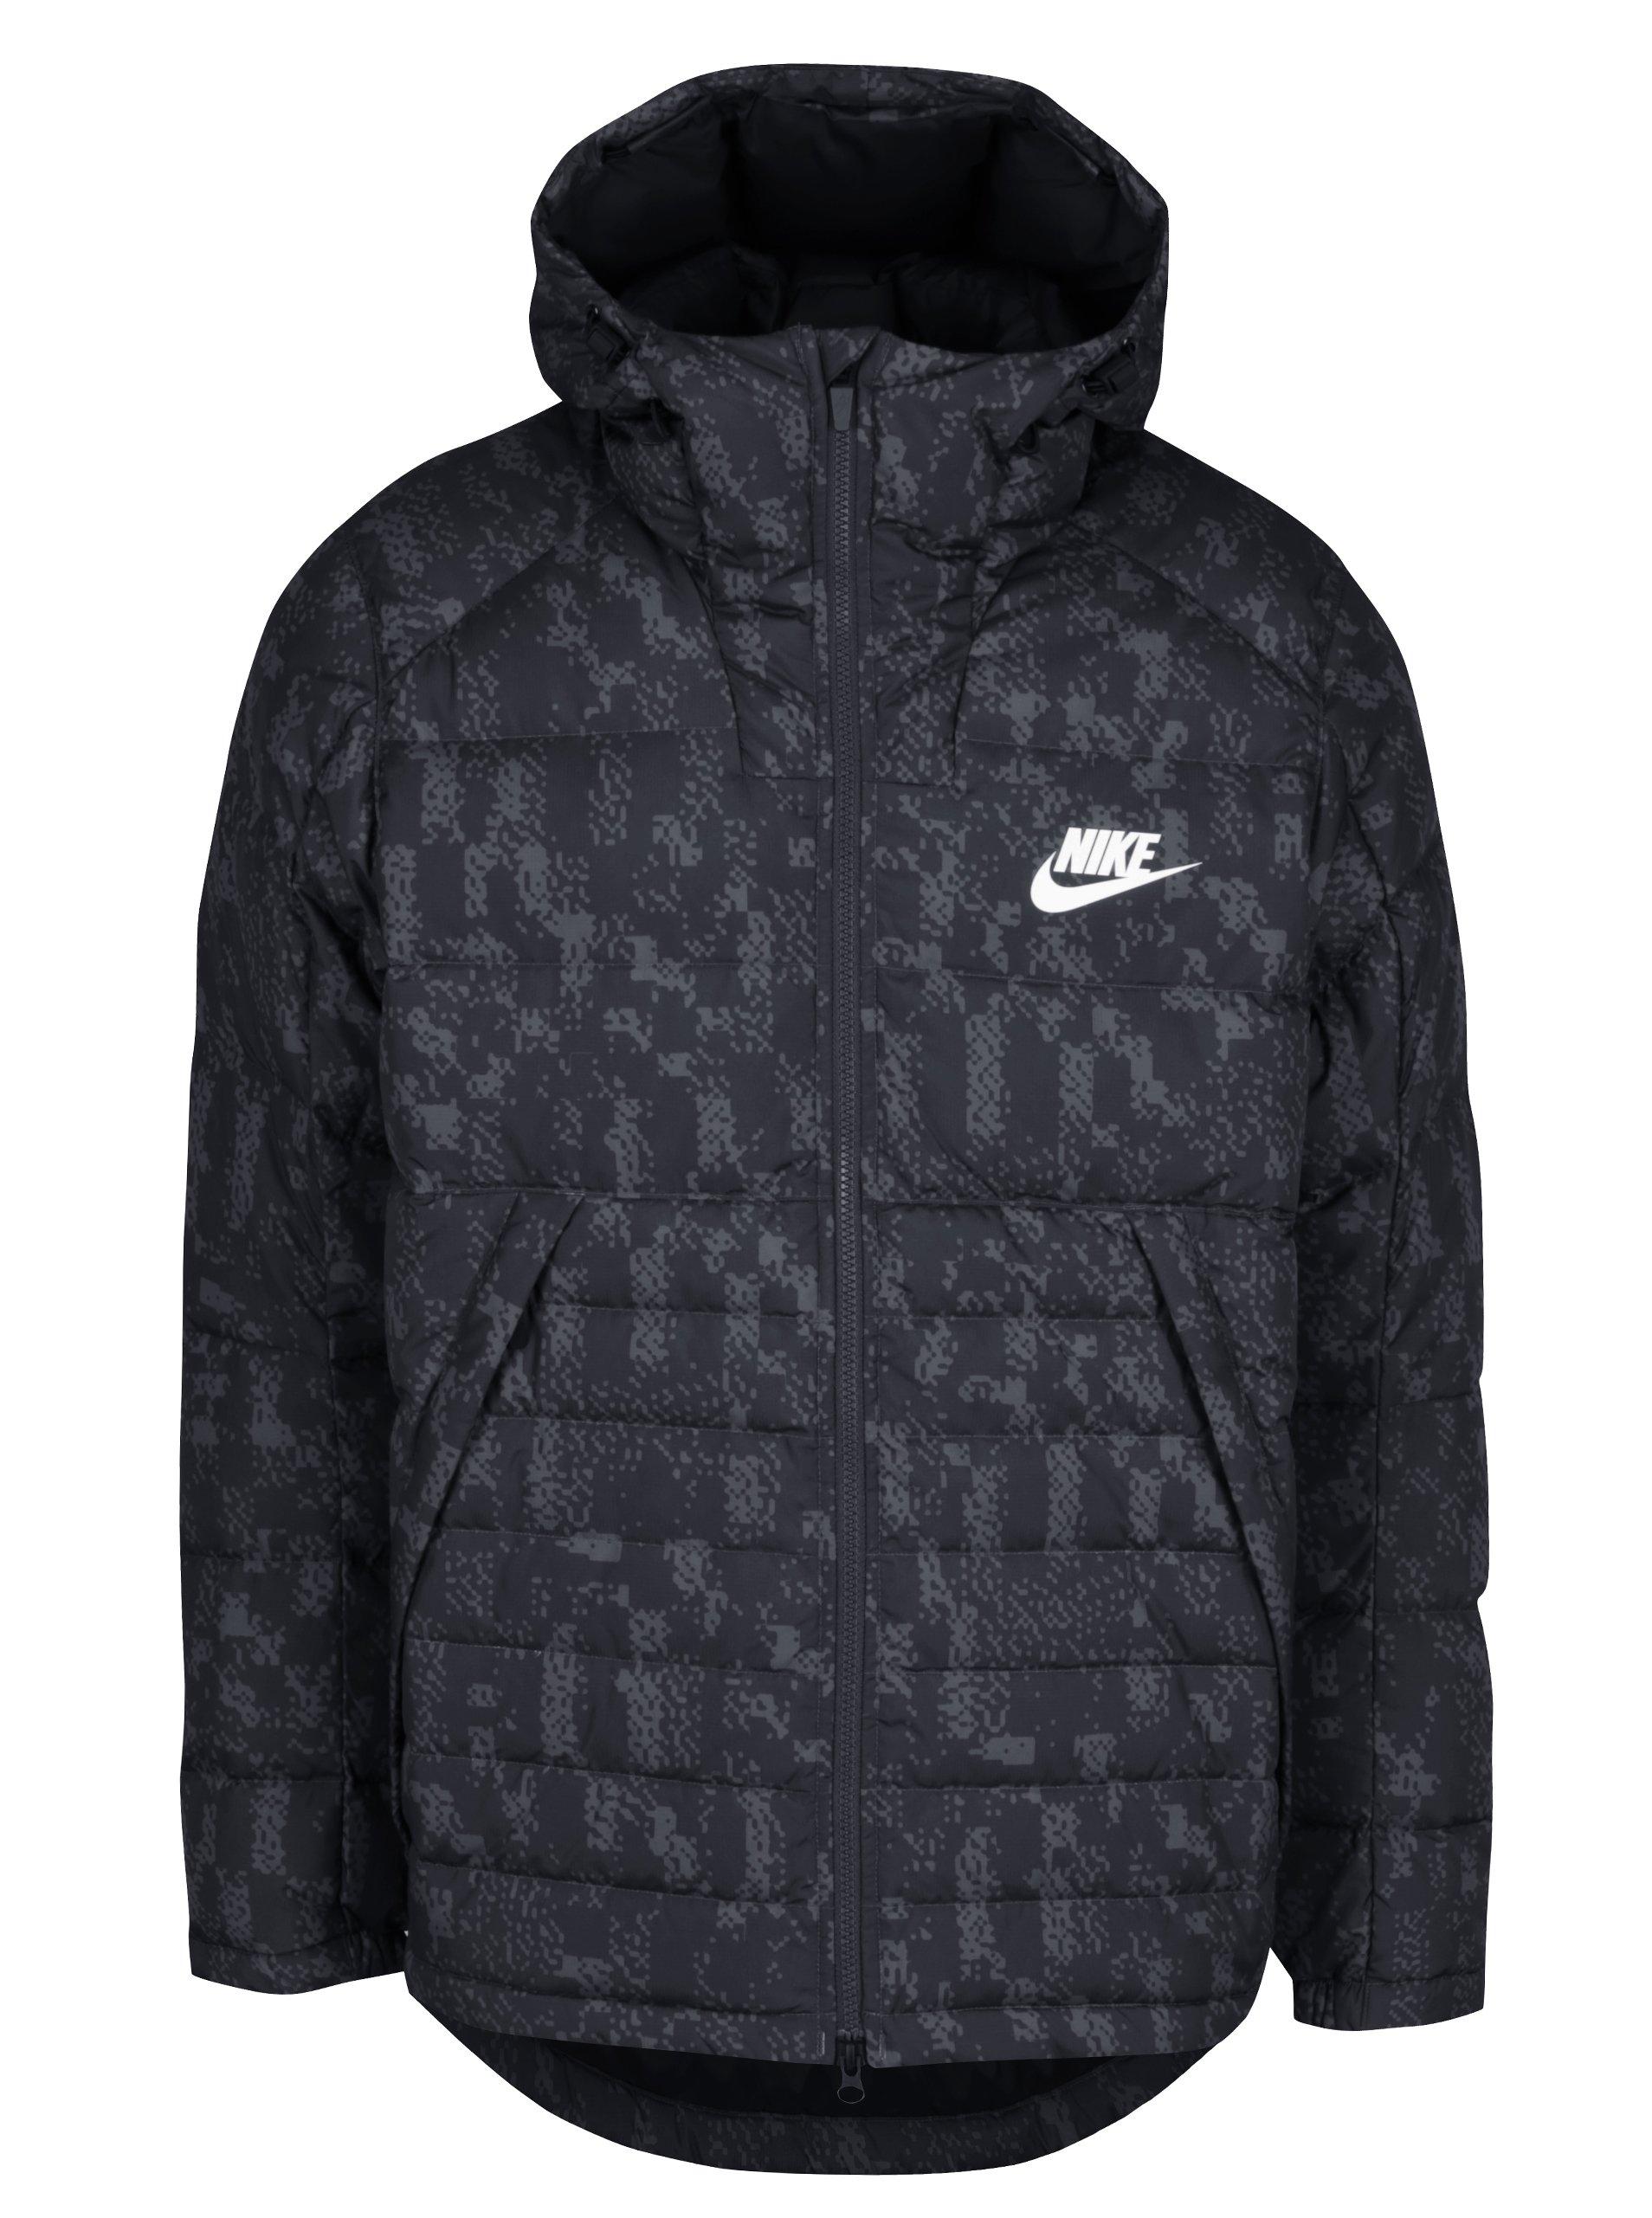 Černá pánská vzorovaná zimní péřová prošívaná bunda Nike